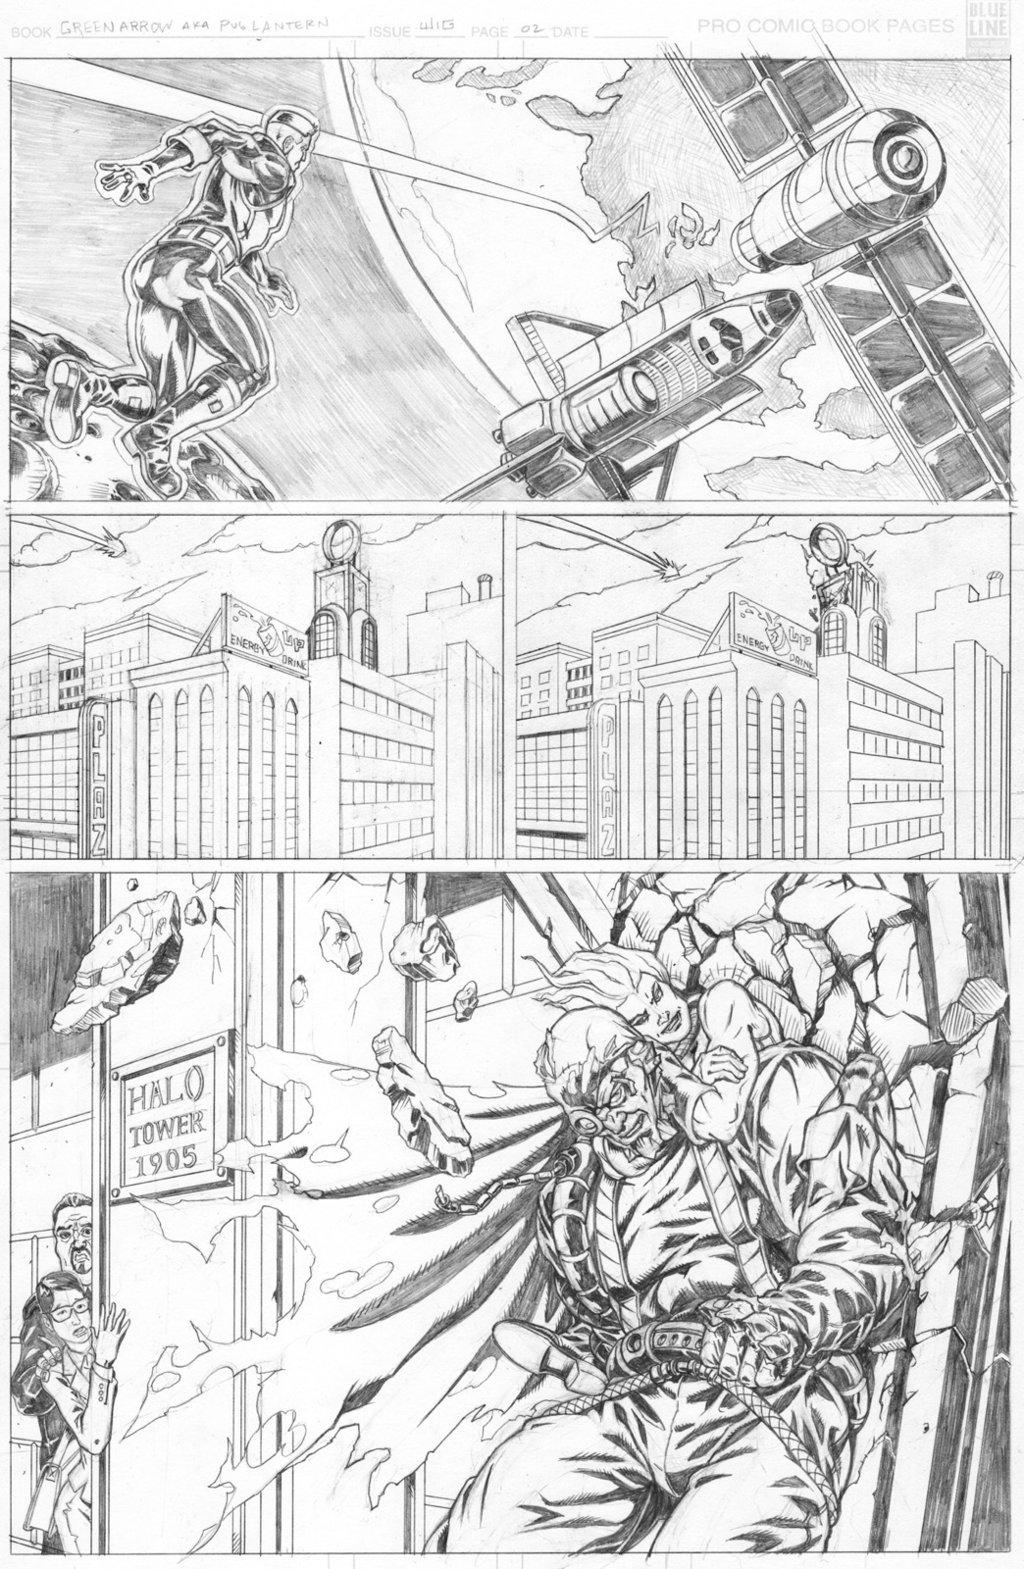 greenlantern 02 pencil submission